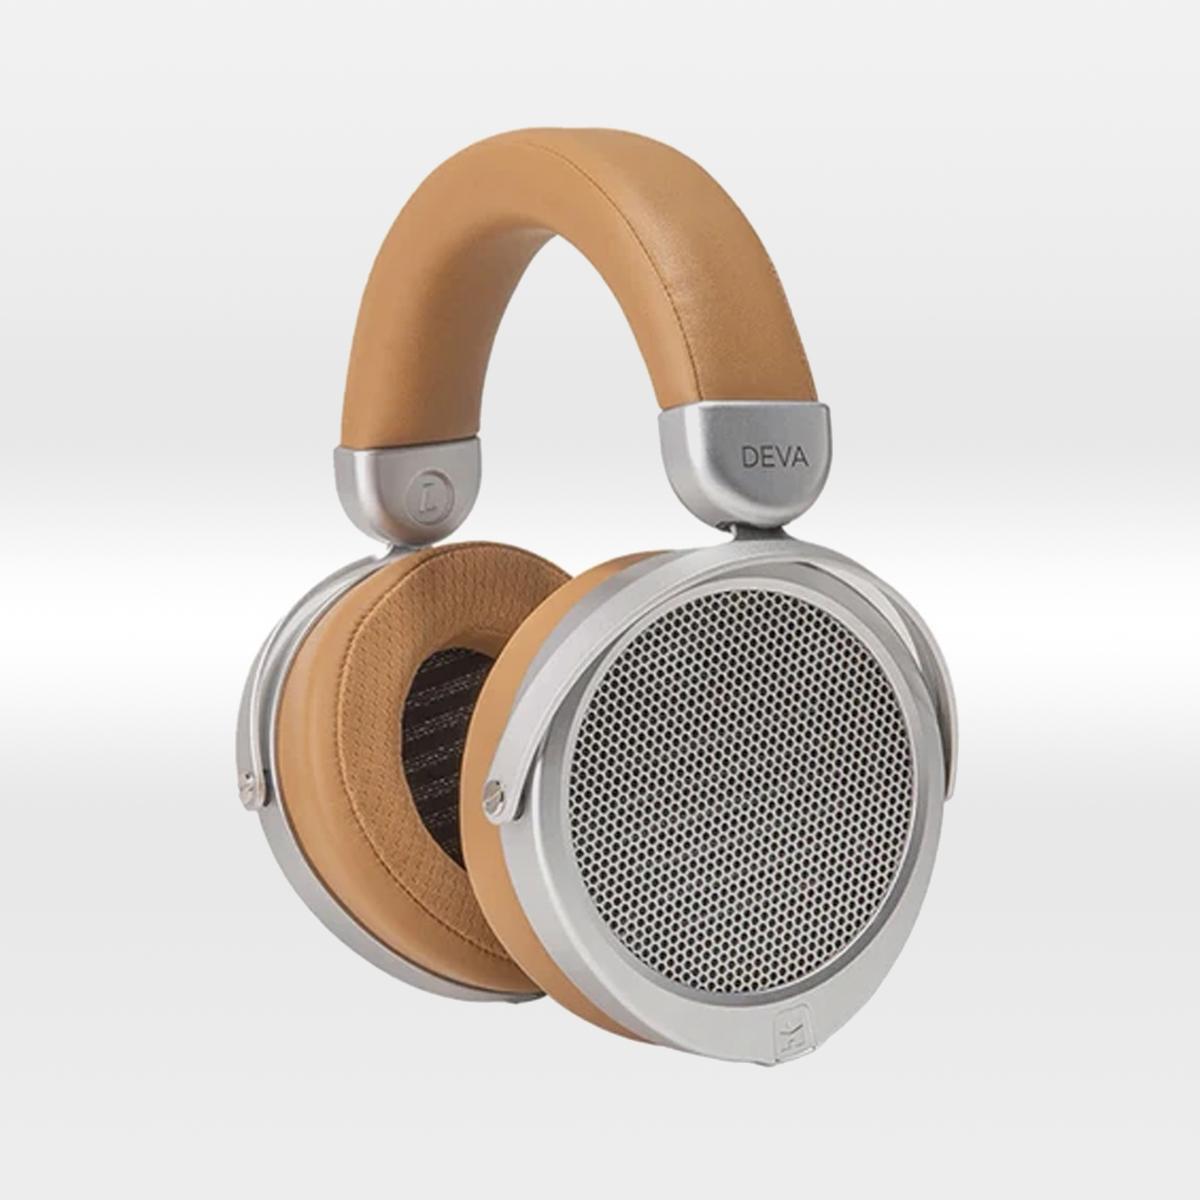 HIFIMAN Deva reviews planar magnetic headphones